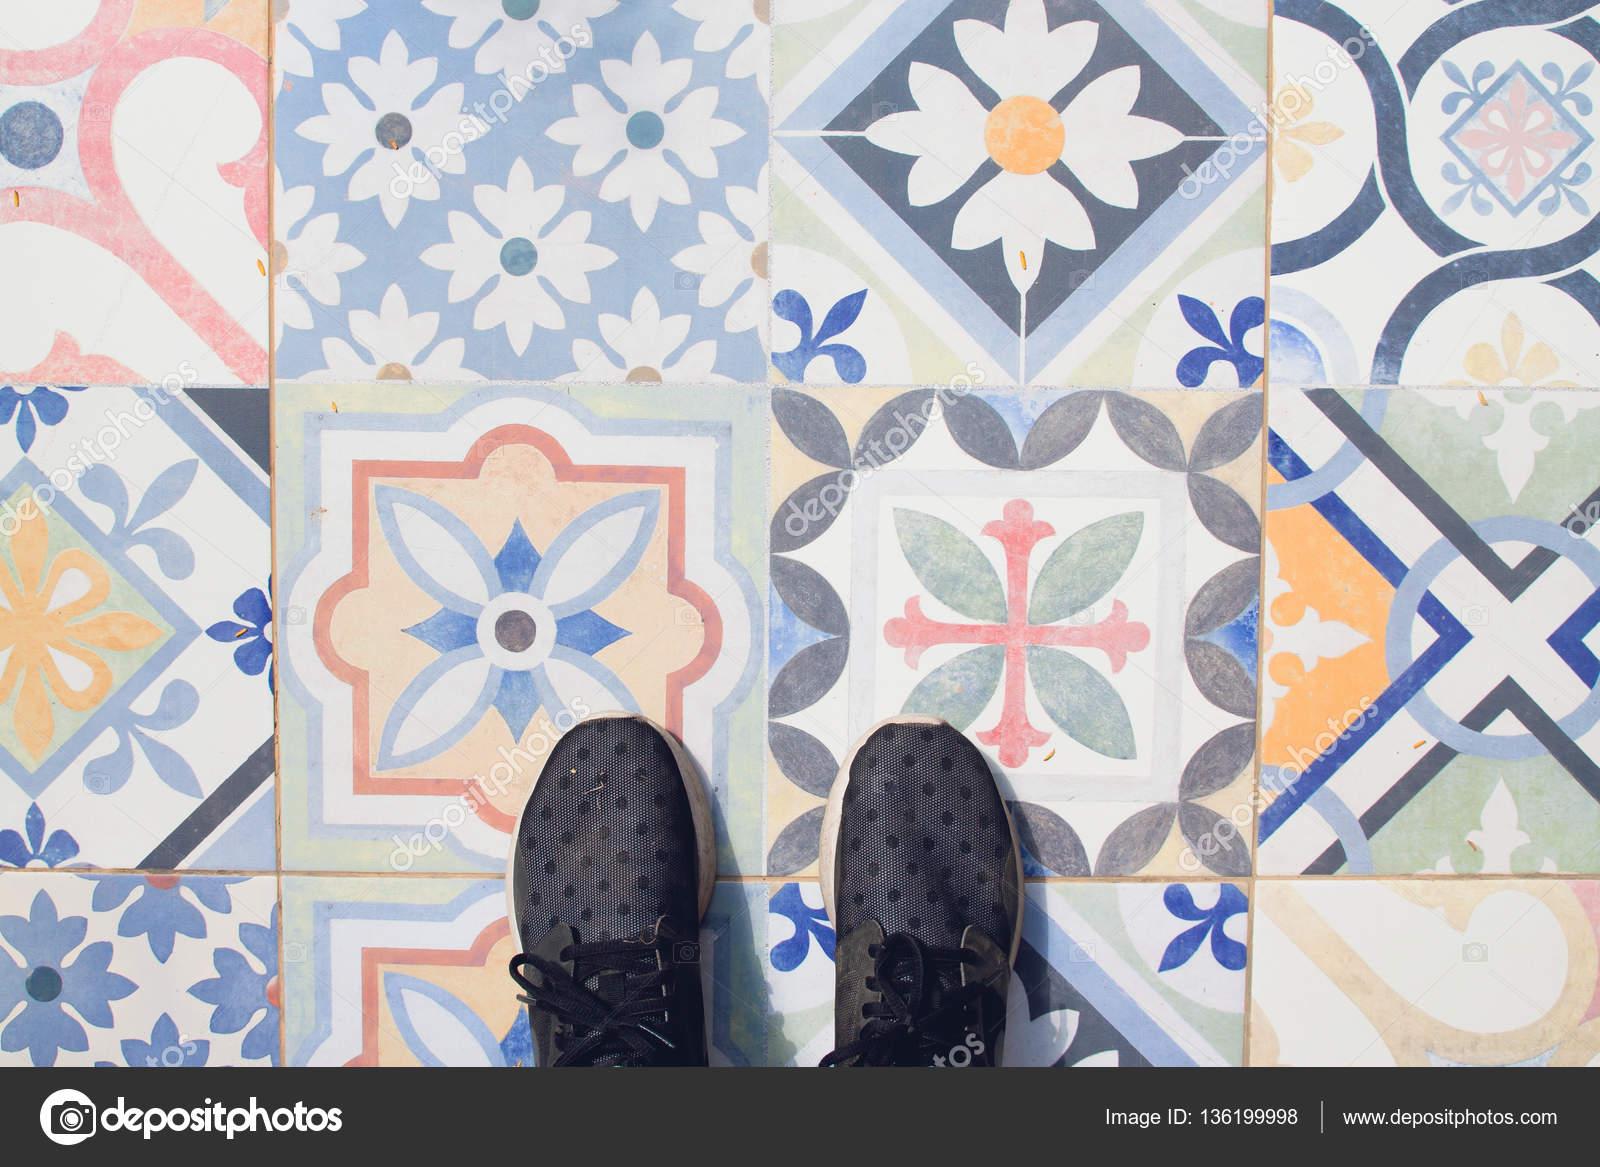 Patroontegels Inspiratie Grafisch : Selfie van voeten met sneaker schoenen op vintage kunst patroon